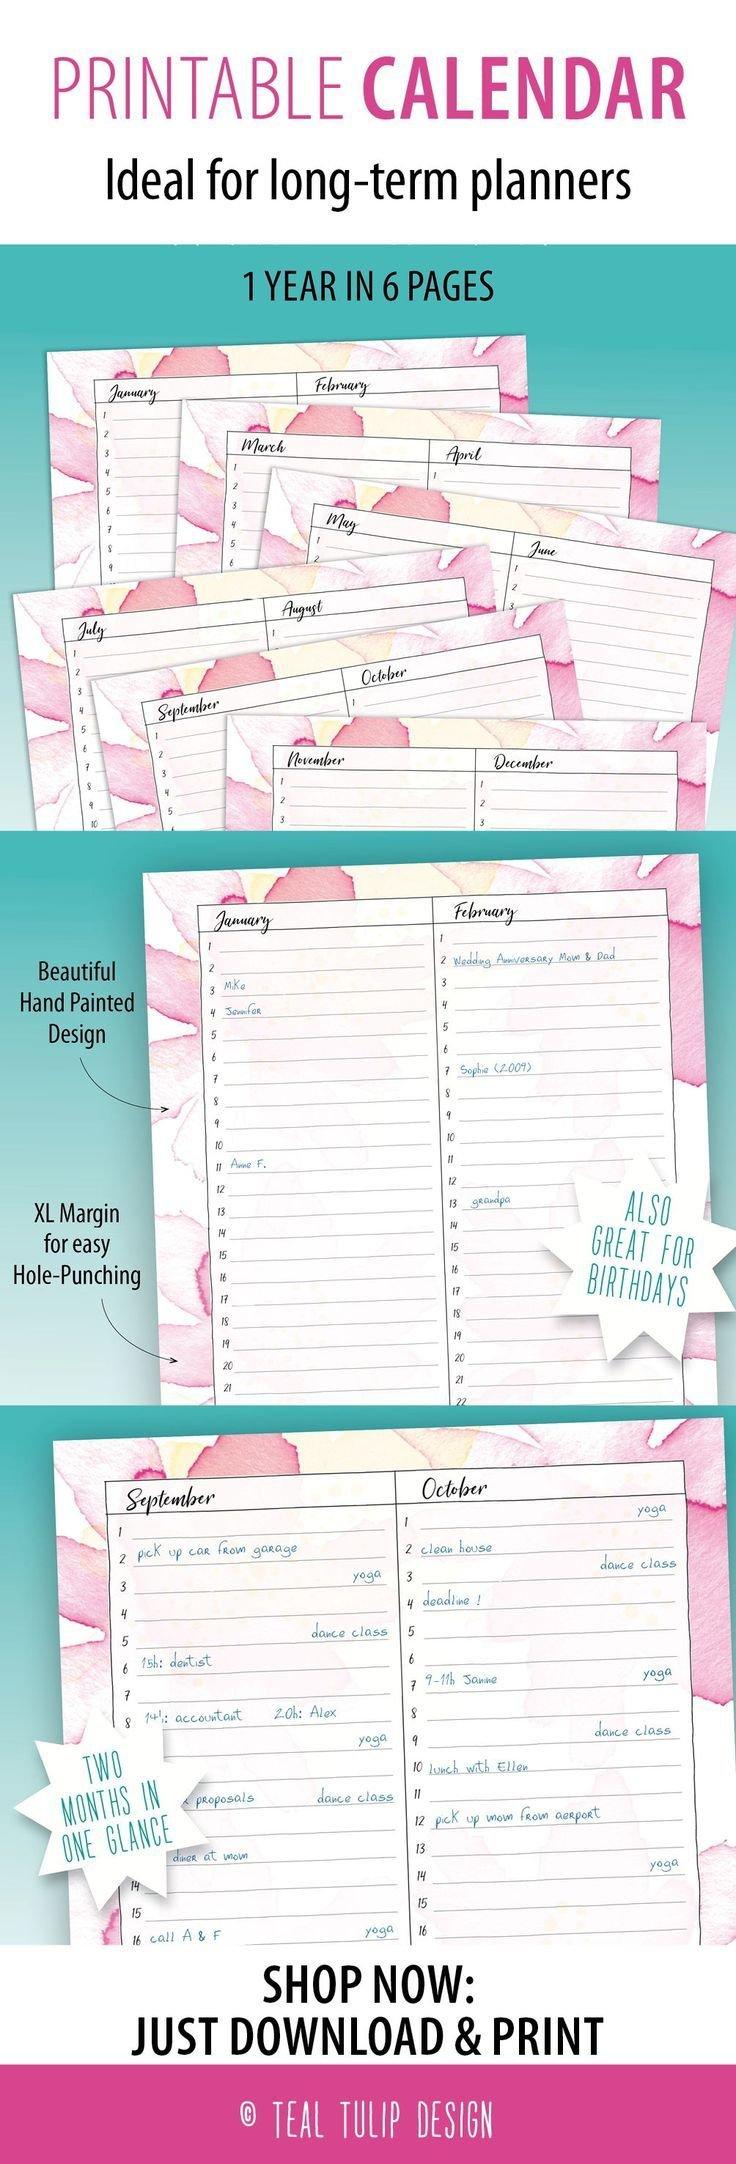 Long Term Planner Birthday Calendar Printable 12 Month 12 Month Birthday Calendar Free Printable